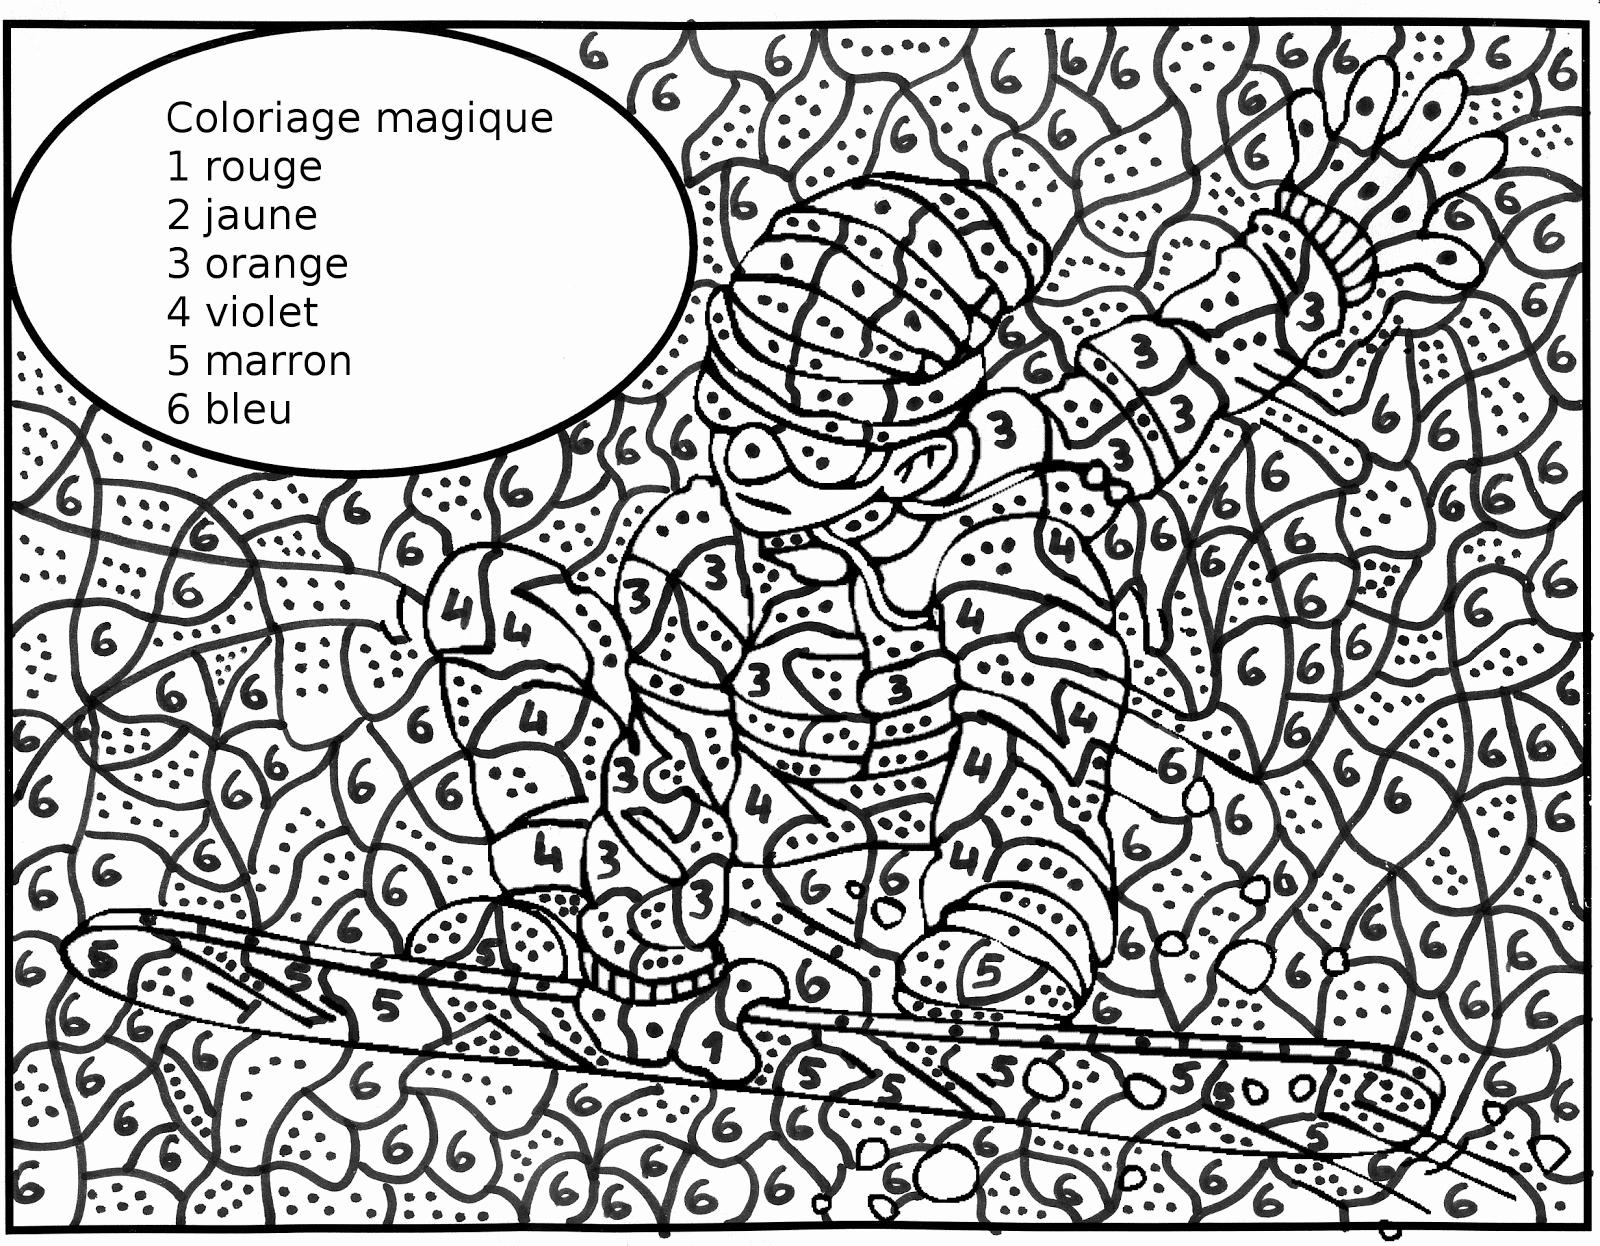 Coloriages à imprimer : Coloriages magiques, numéro : 151aa5ed